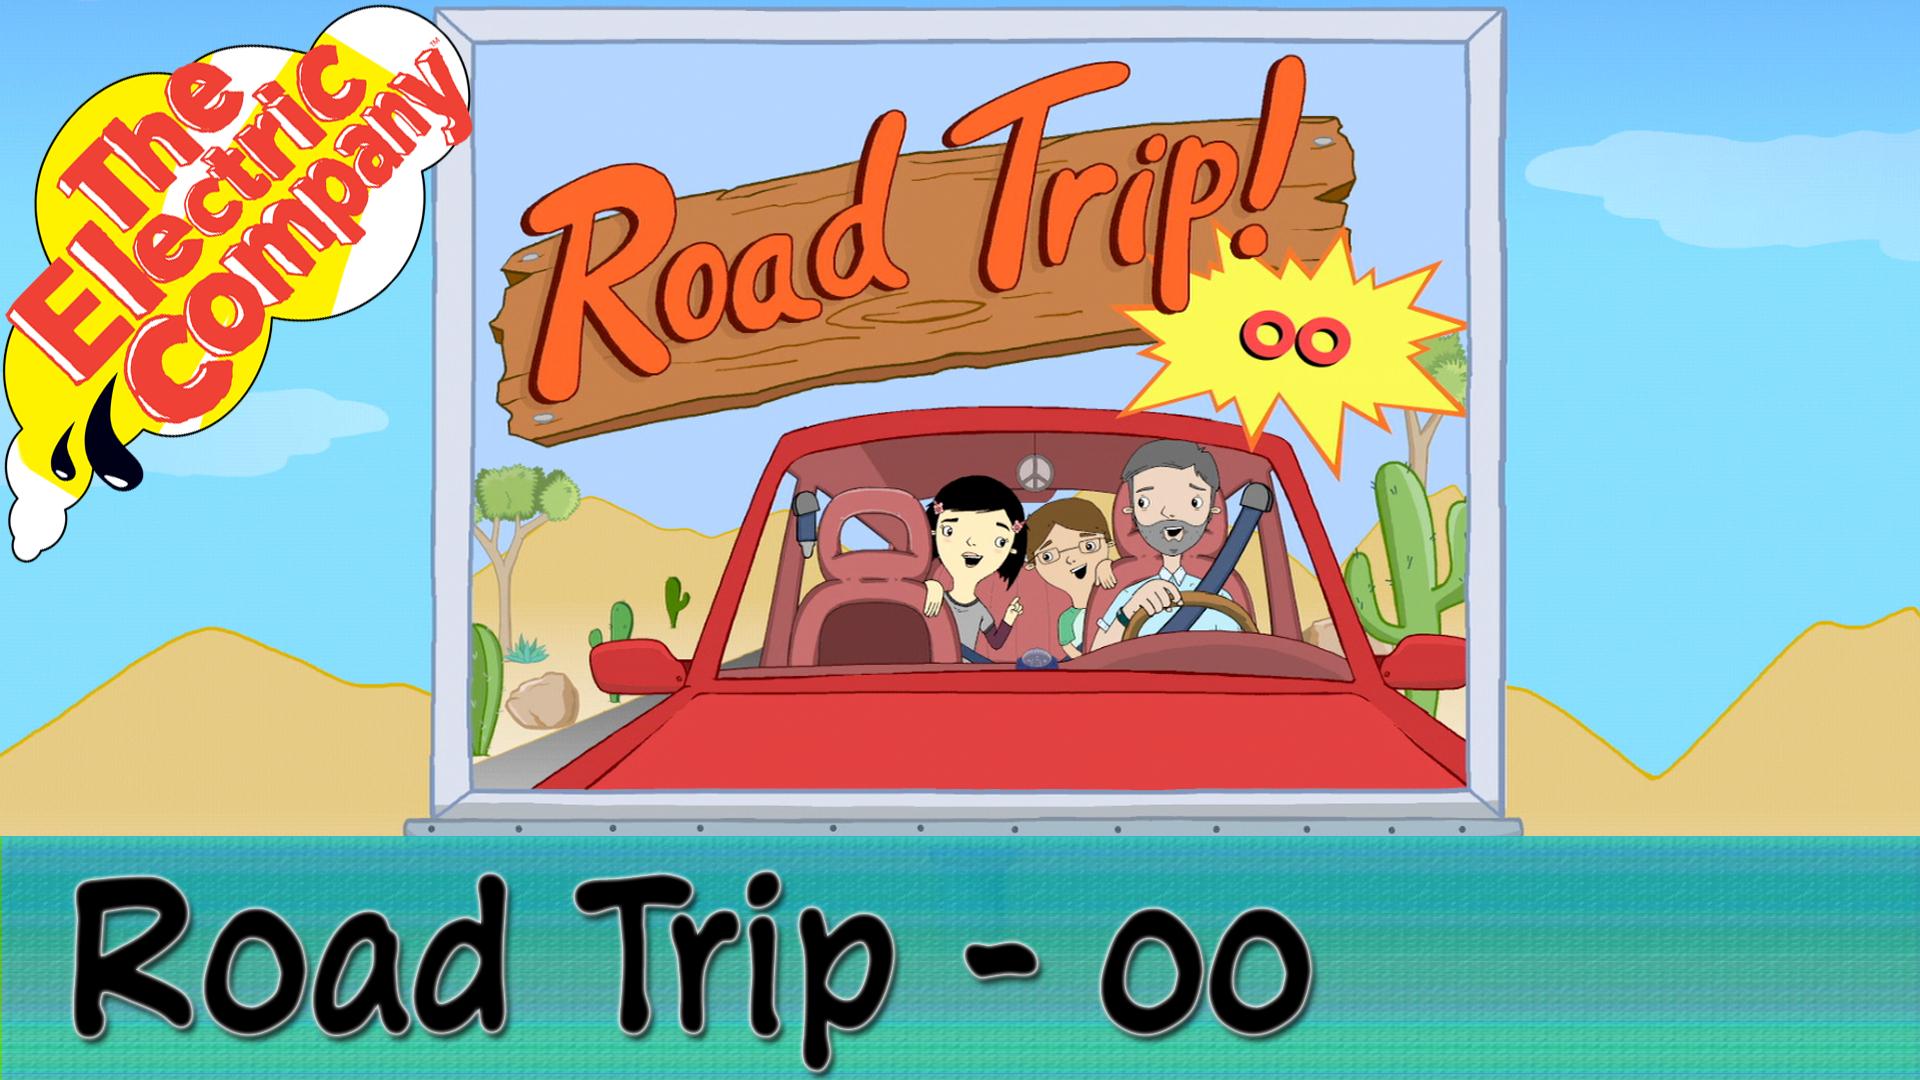 Road Trip -OO